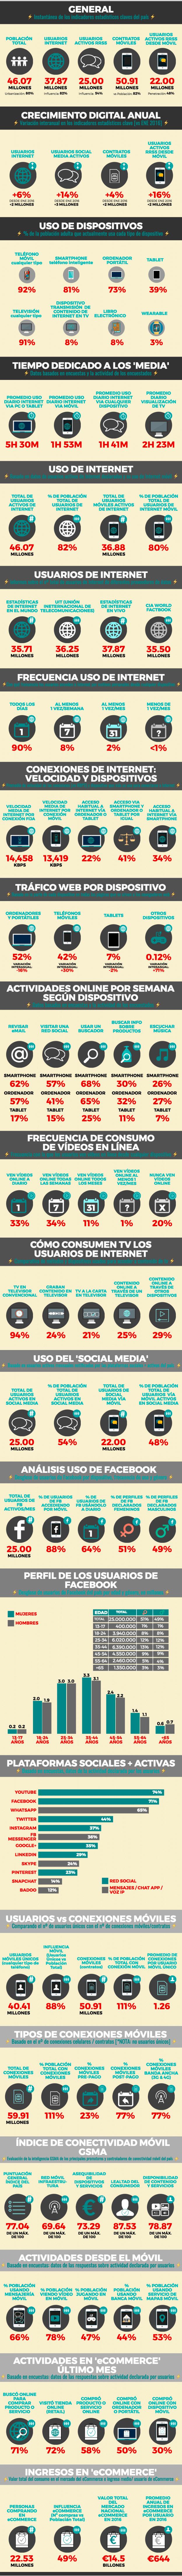 Usuarios Internet, Social Media y Móvil en España | Informe 2017